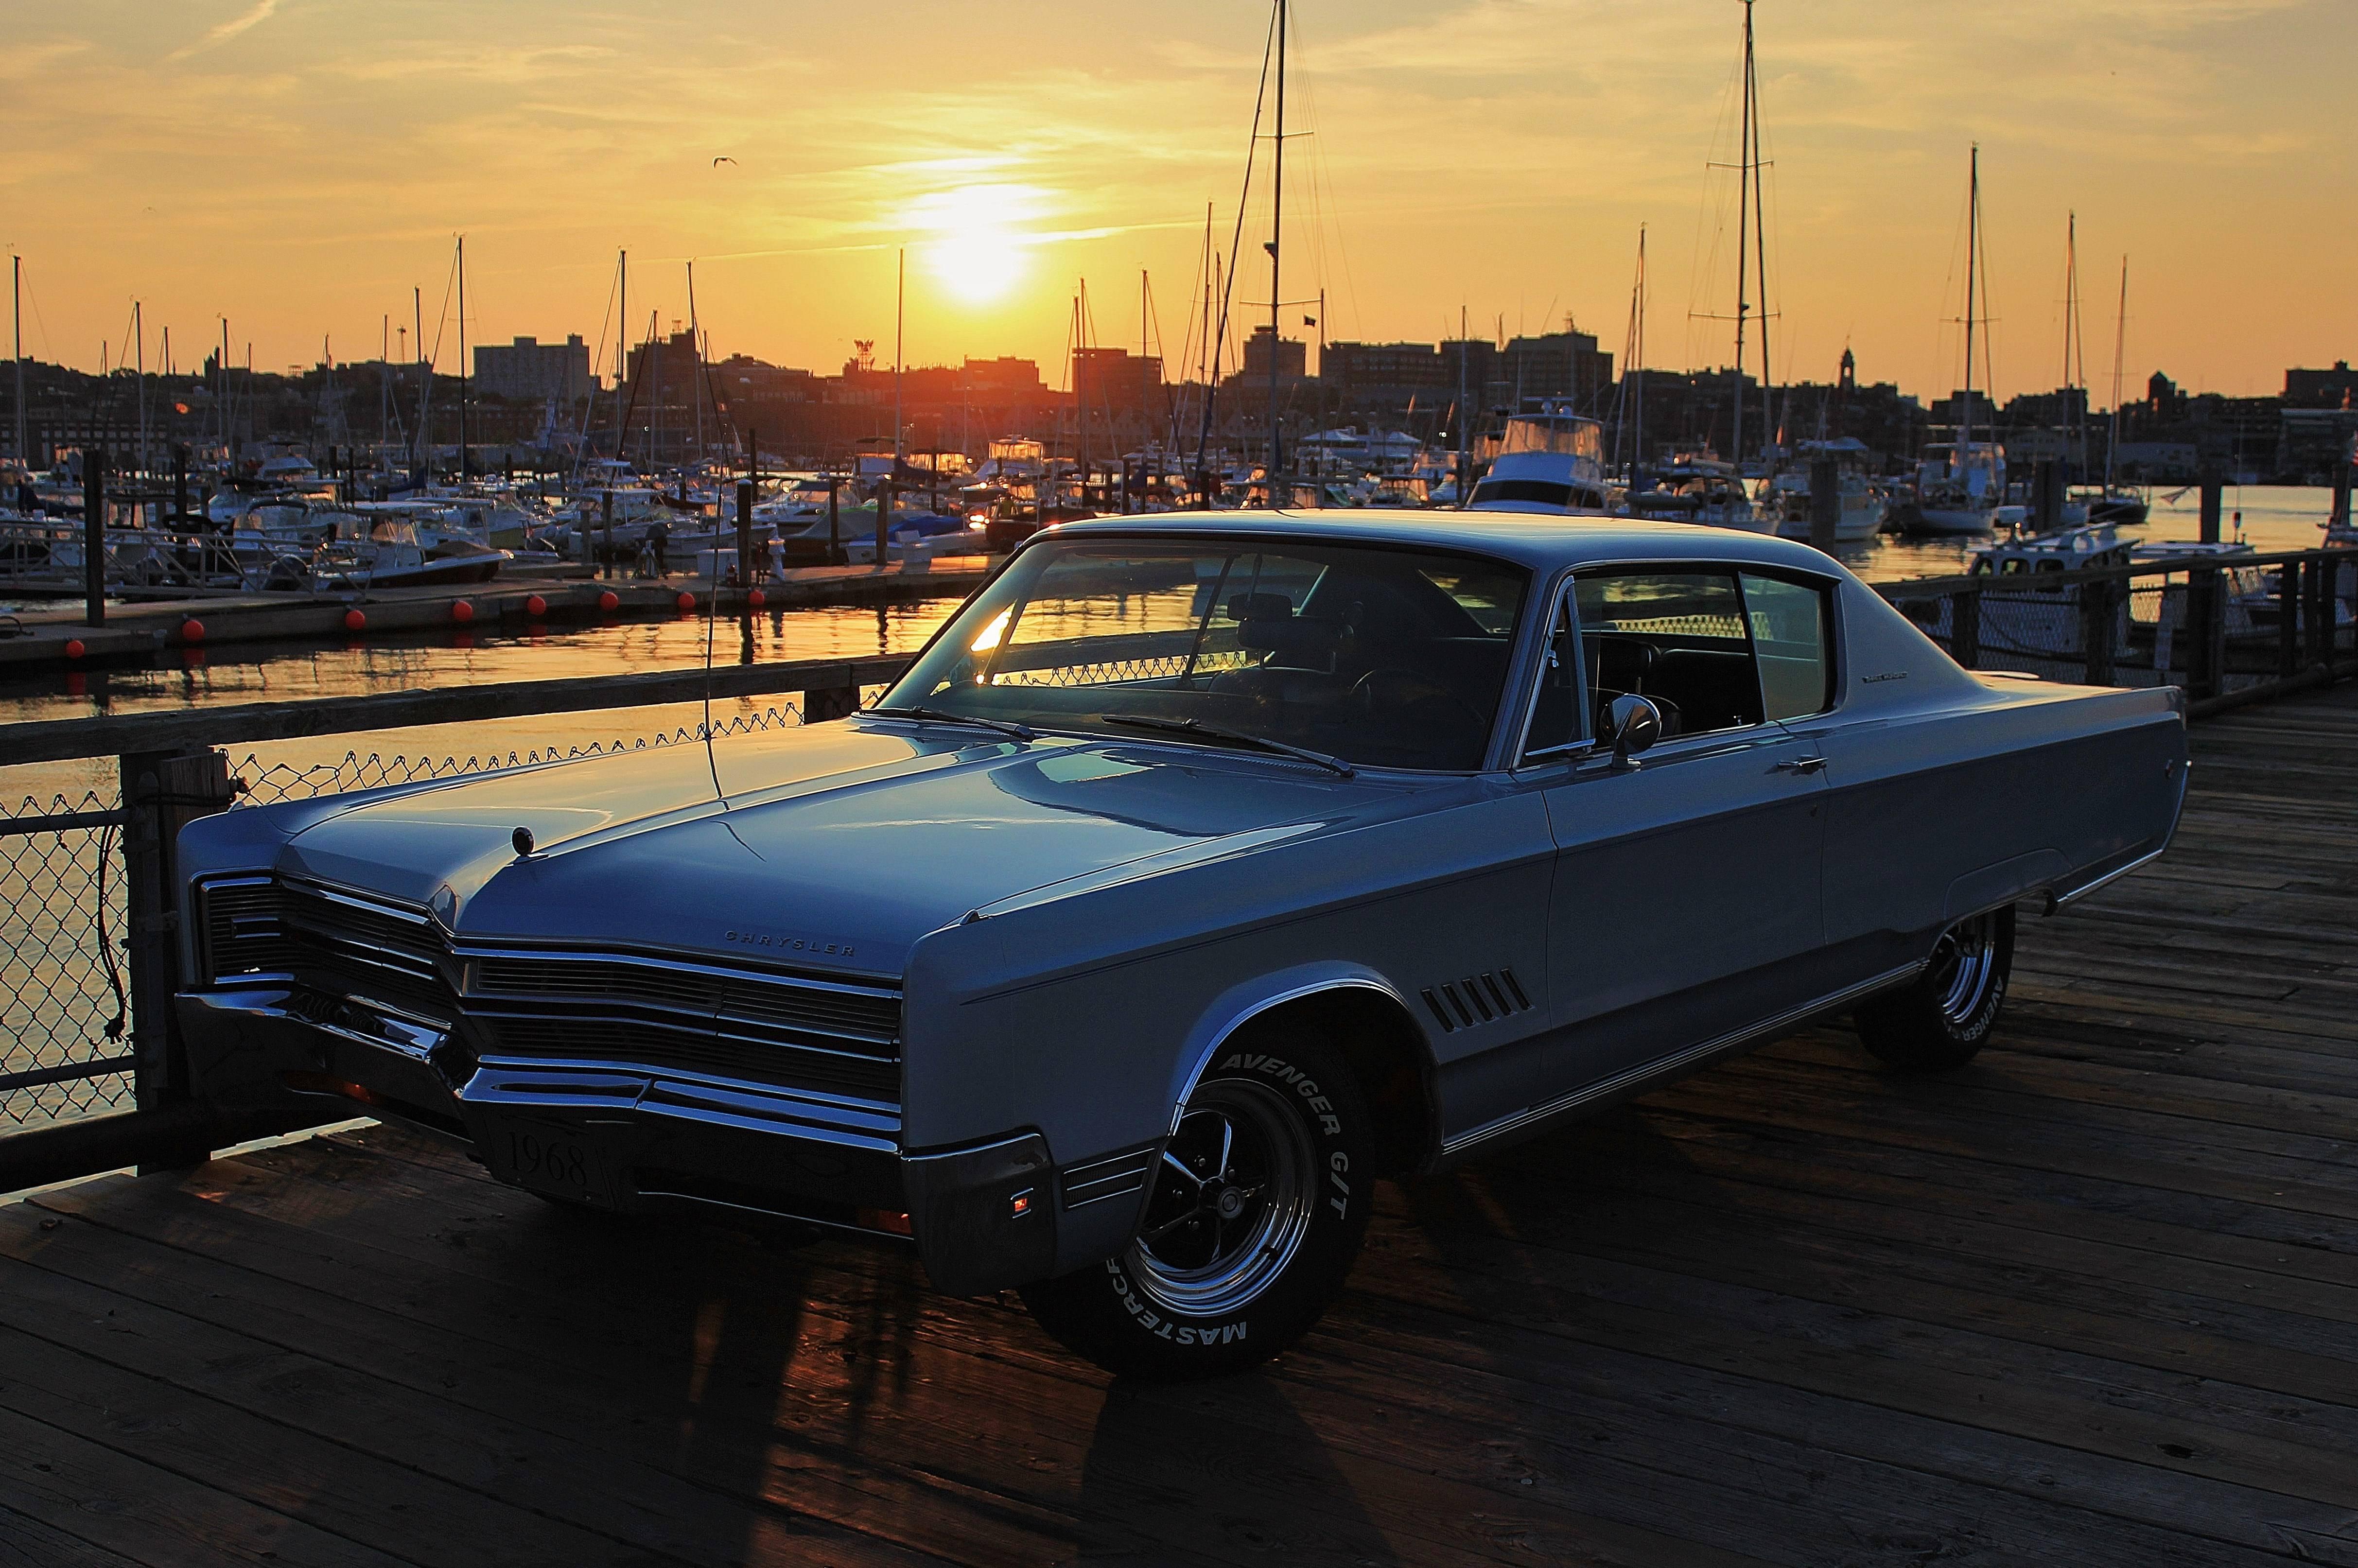 1968 Chrysler 300 sunset.JPG